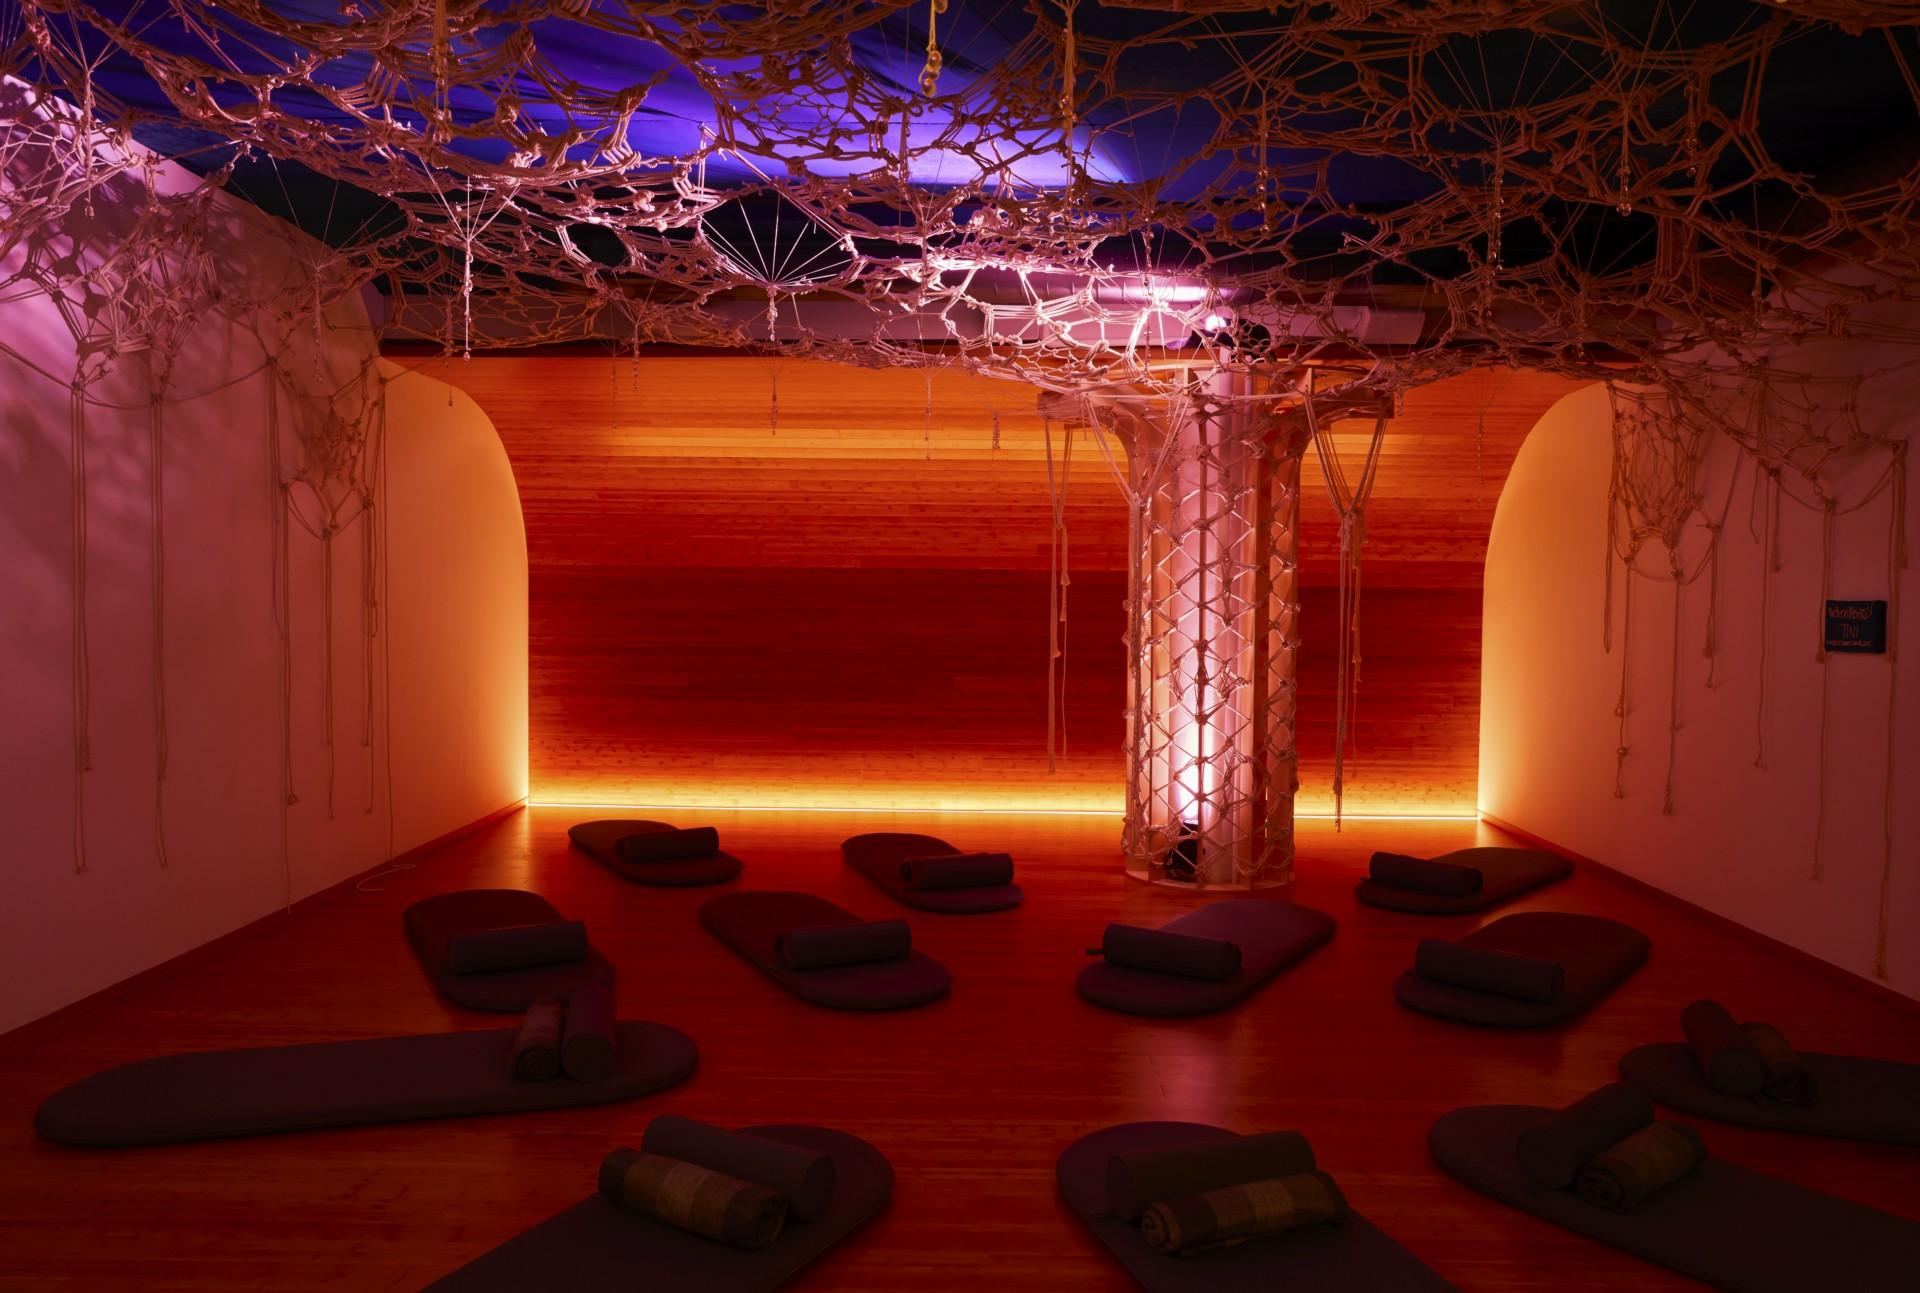 Archi-Tectonics Inscape espacios para la meditación en Nueva York